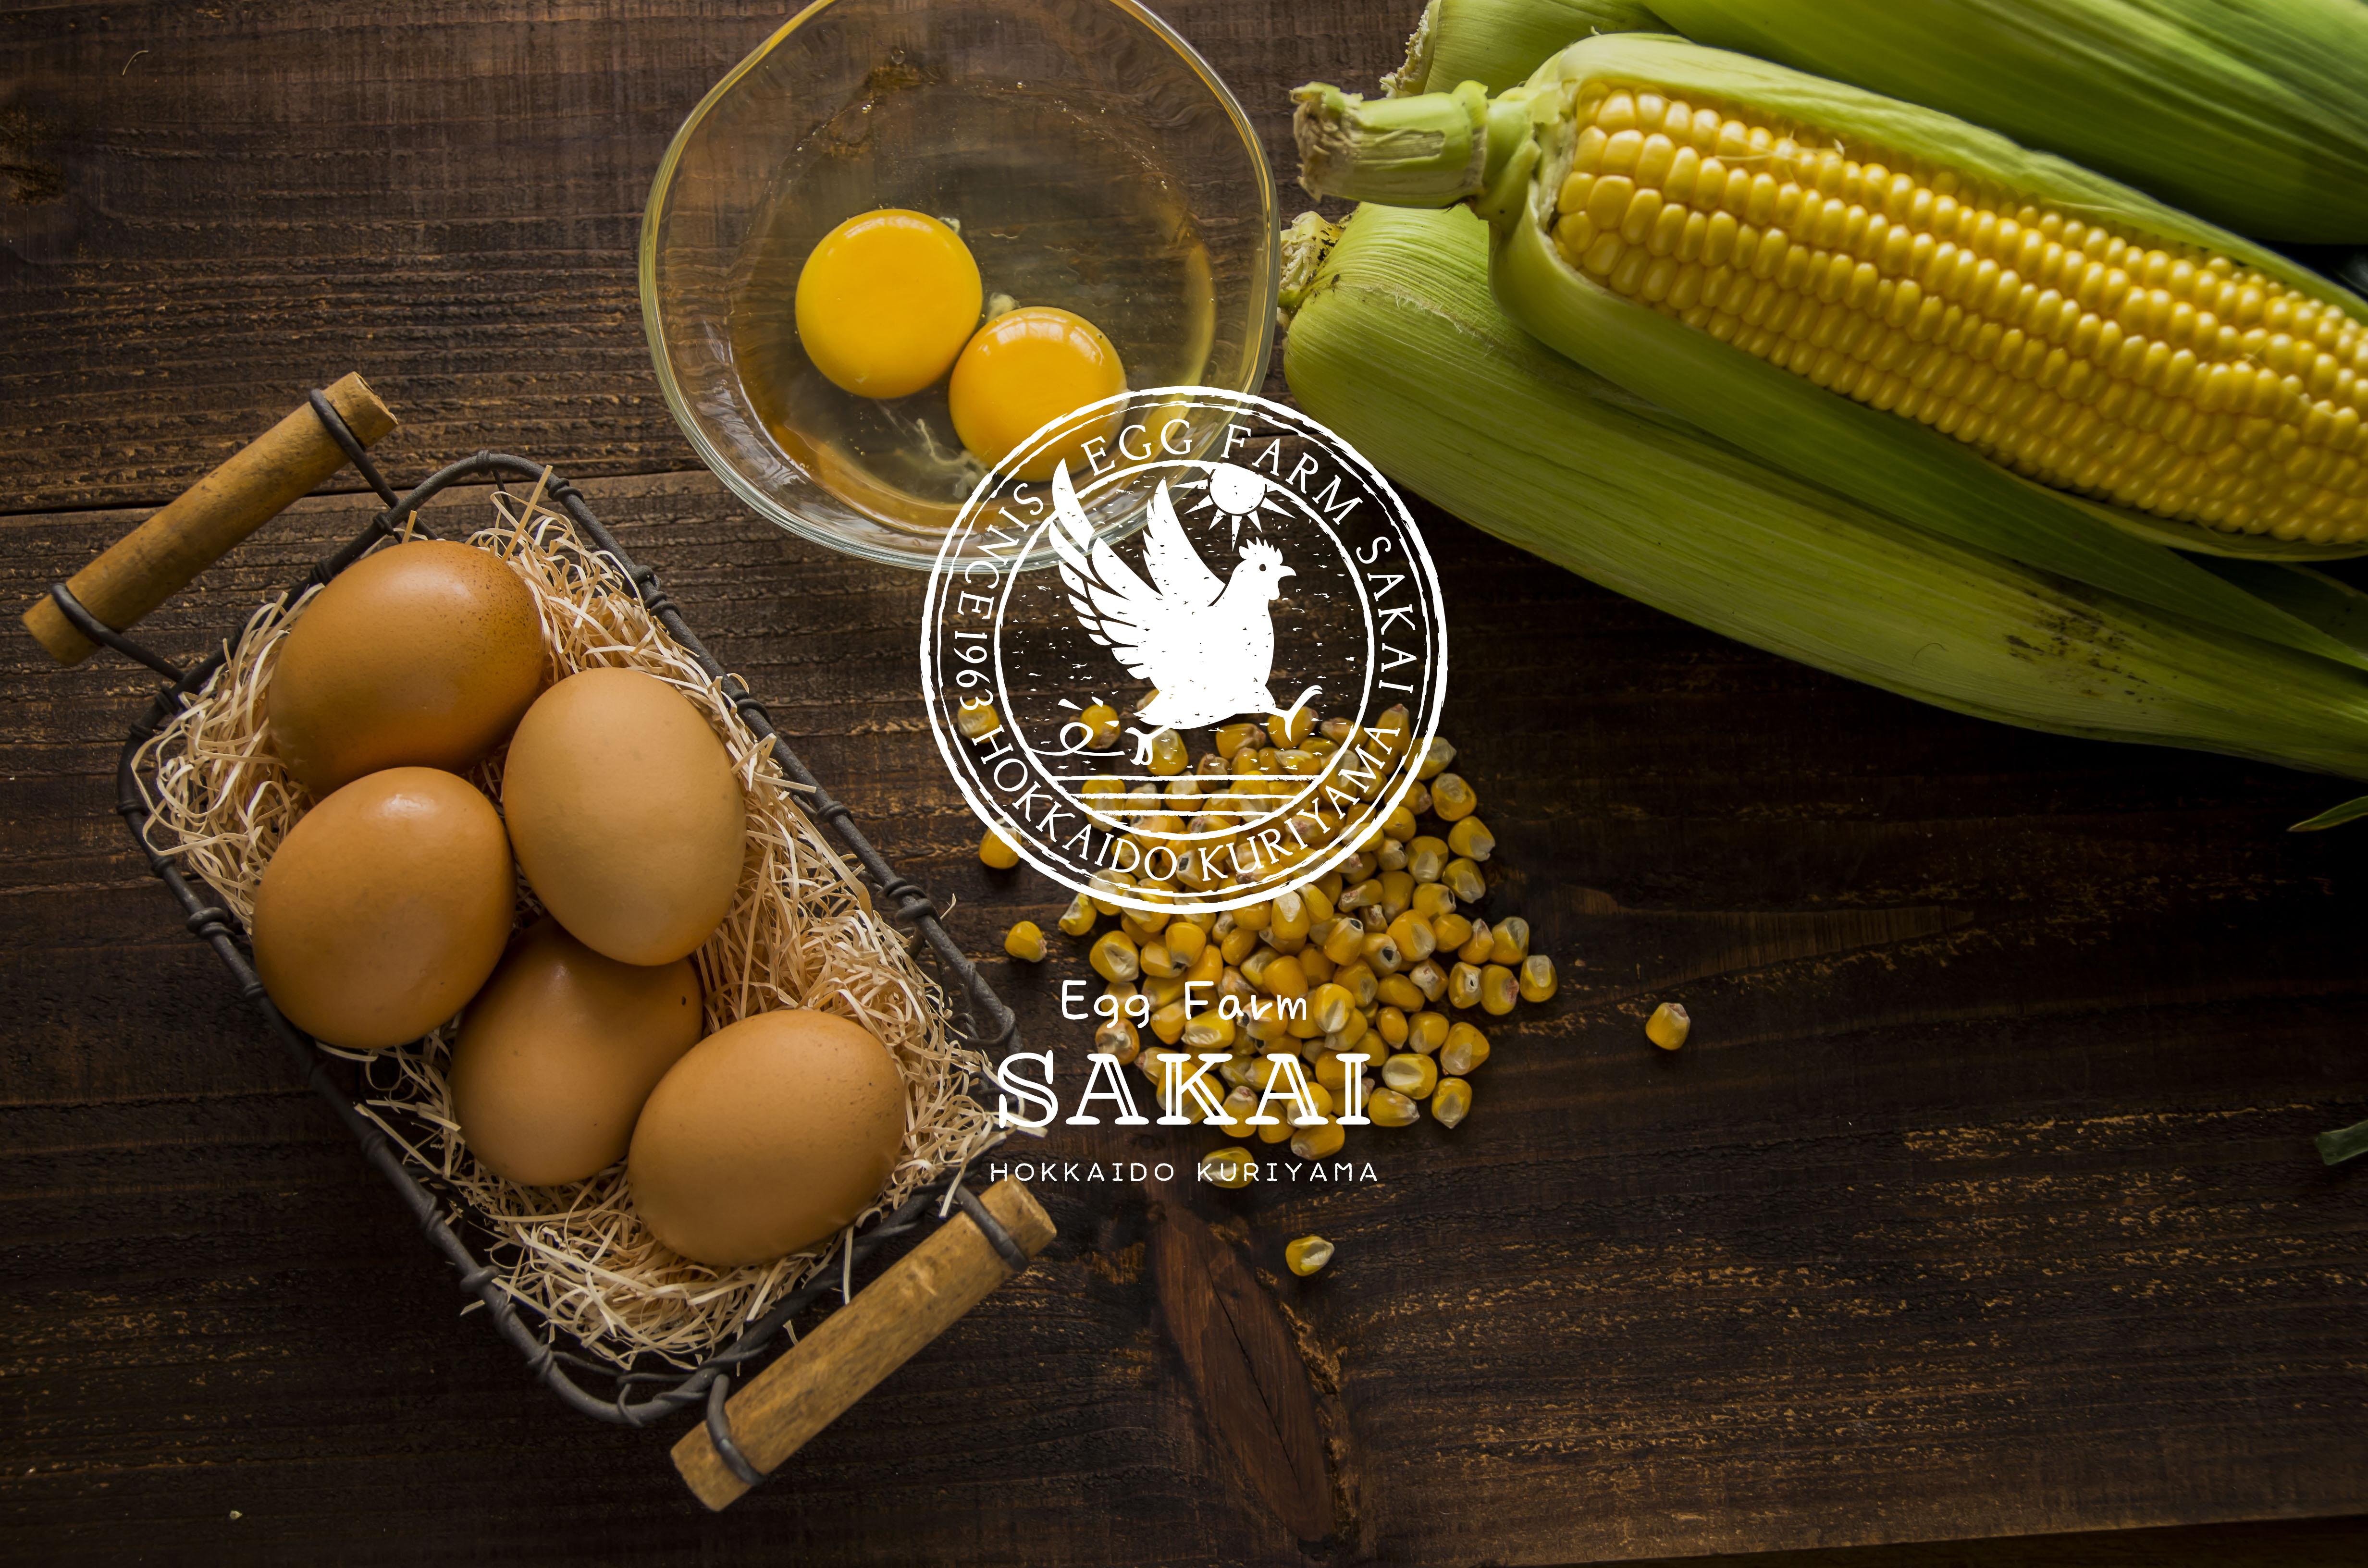 北海道栗山町の卵農家「酒井農場」のオンラインストア